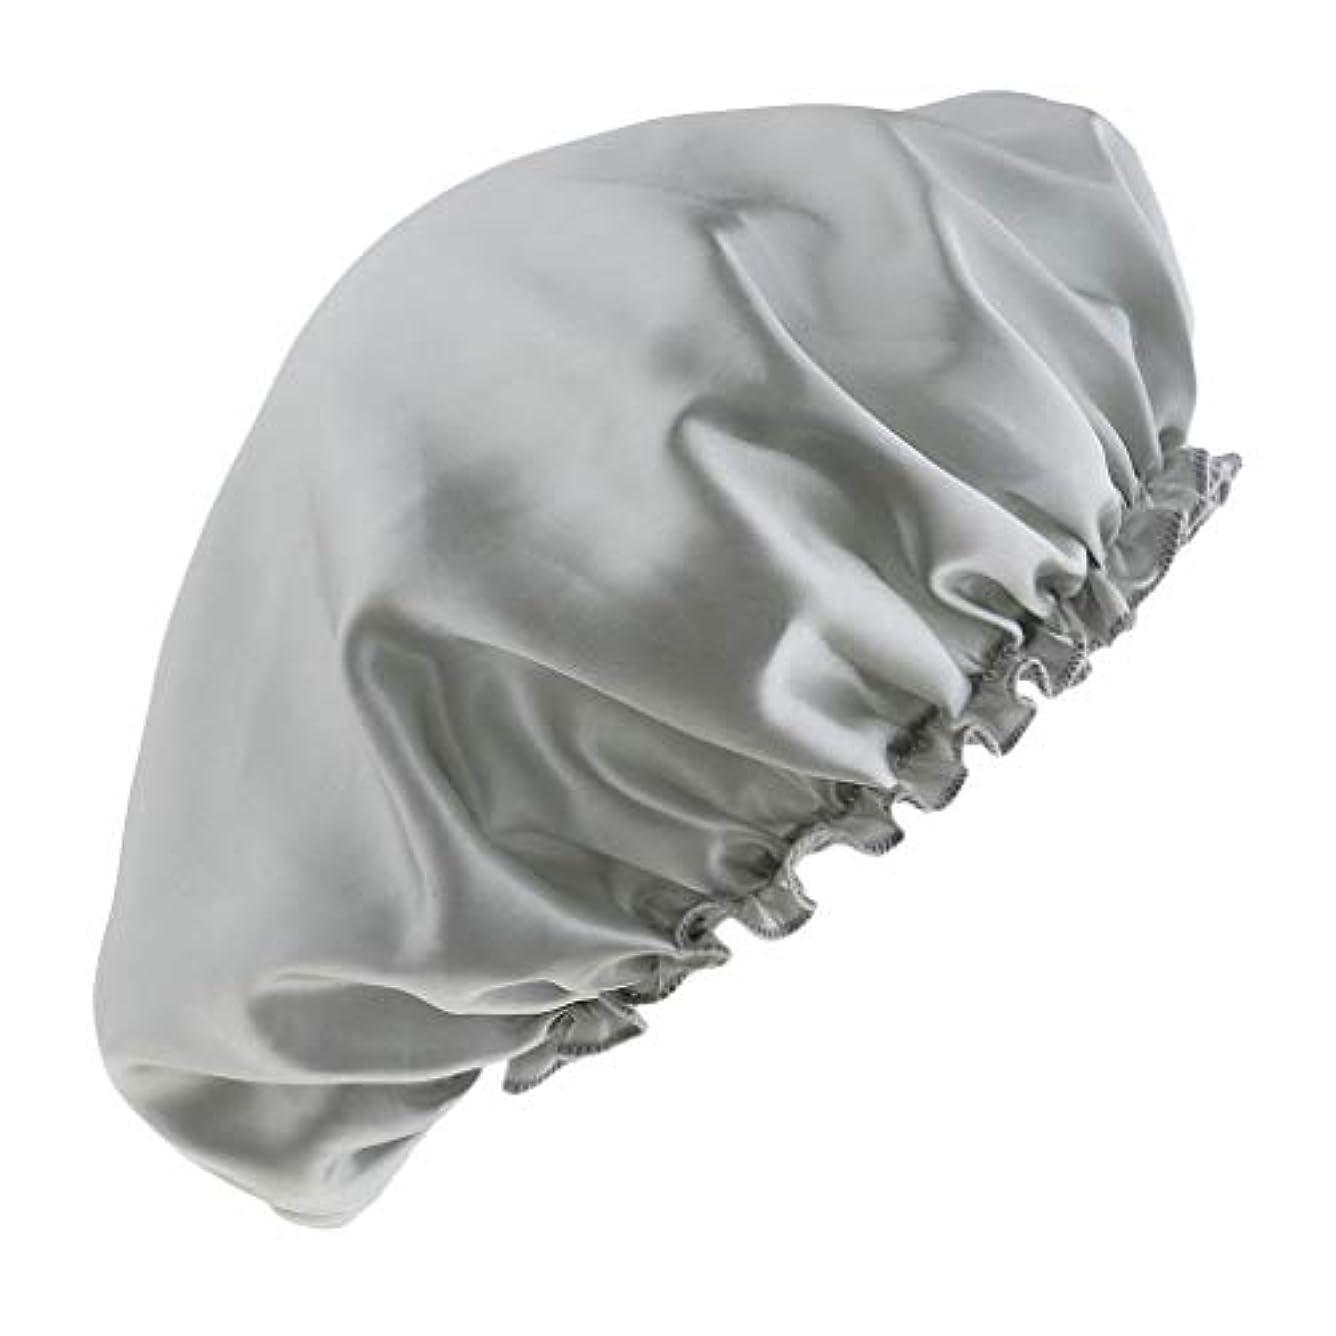 広まった本当のことを言うとレビュアーシャワーキャップ シルクサテンキャップ シルクサテン帽子 美容ヘッドカバー 浴用帽子 全8色 - 銀